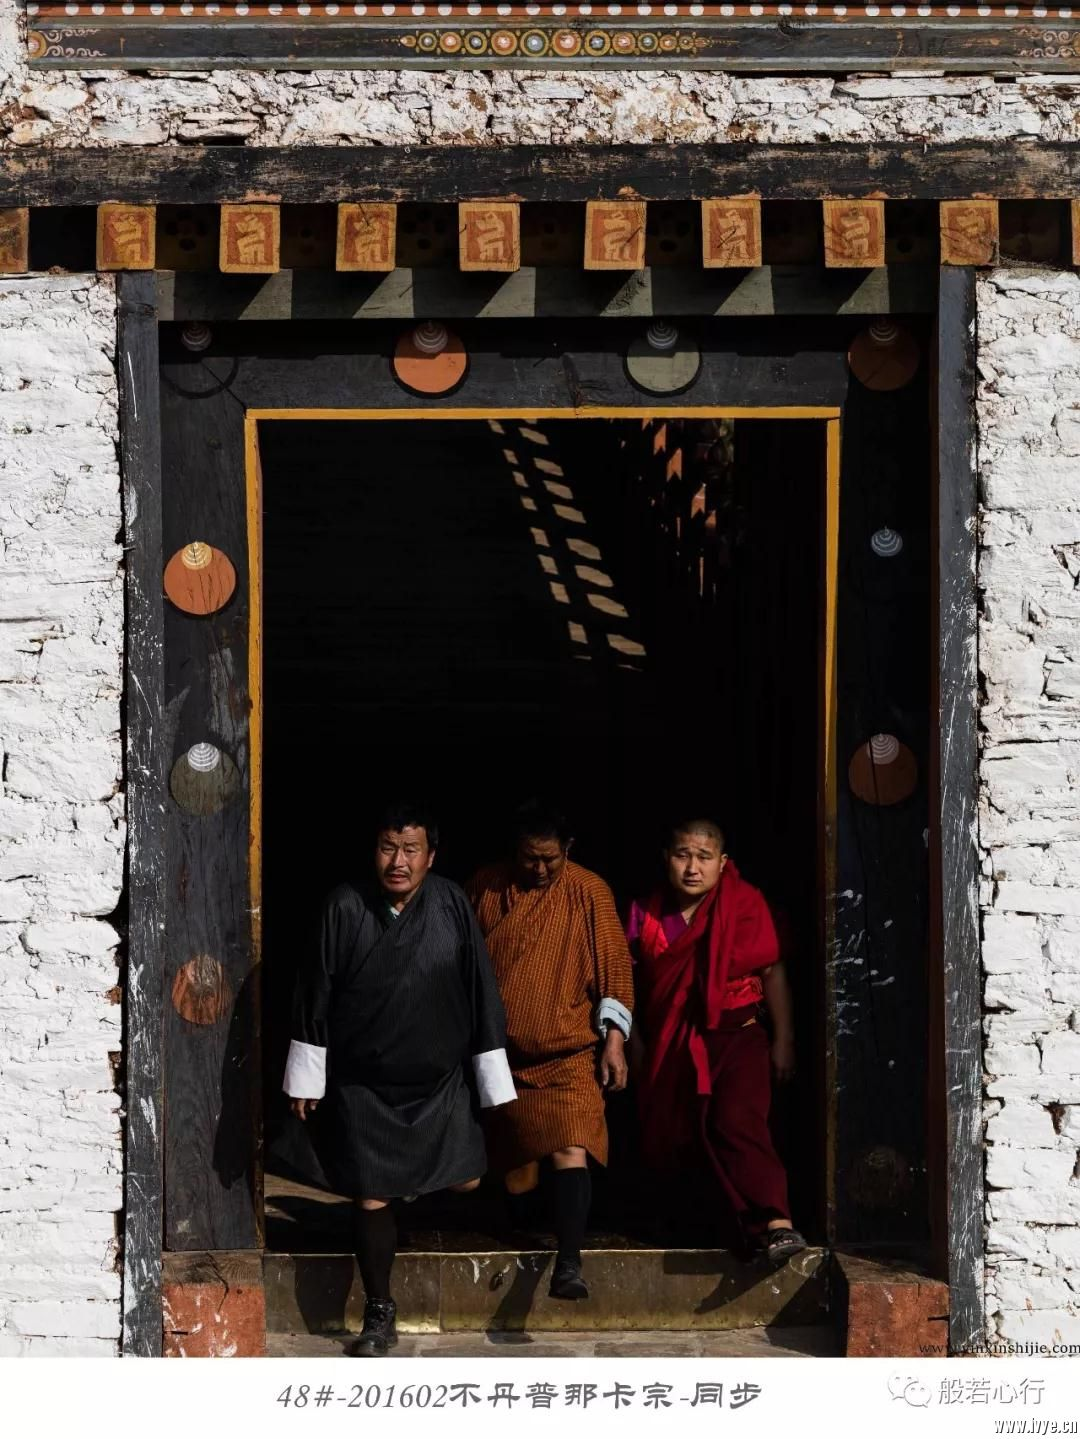 48#-201602不丹普那卡宗-同步.jpg